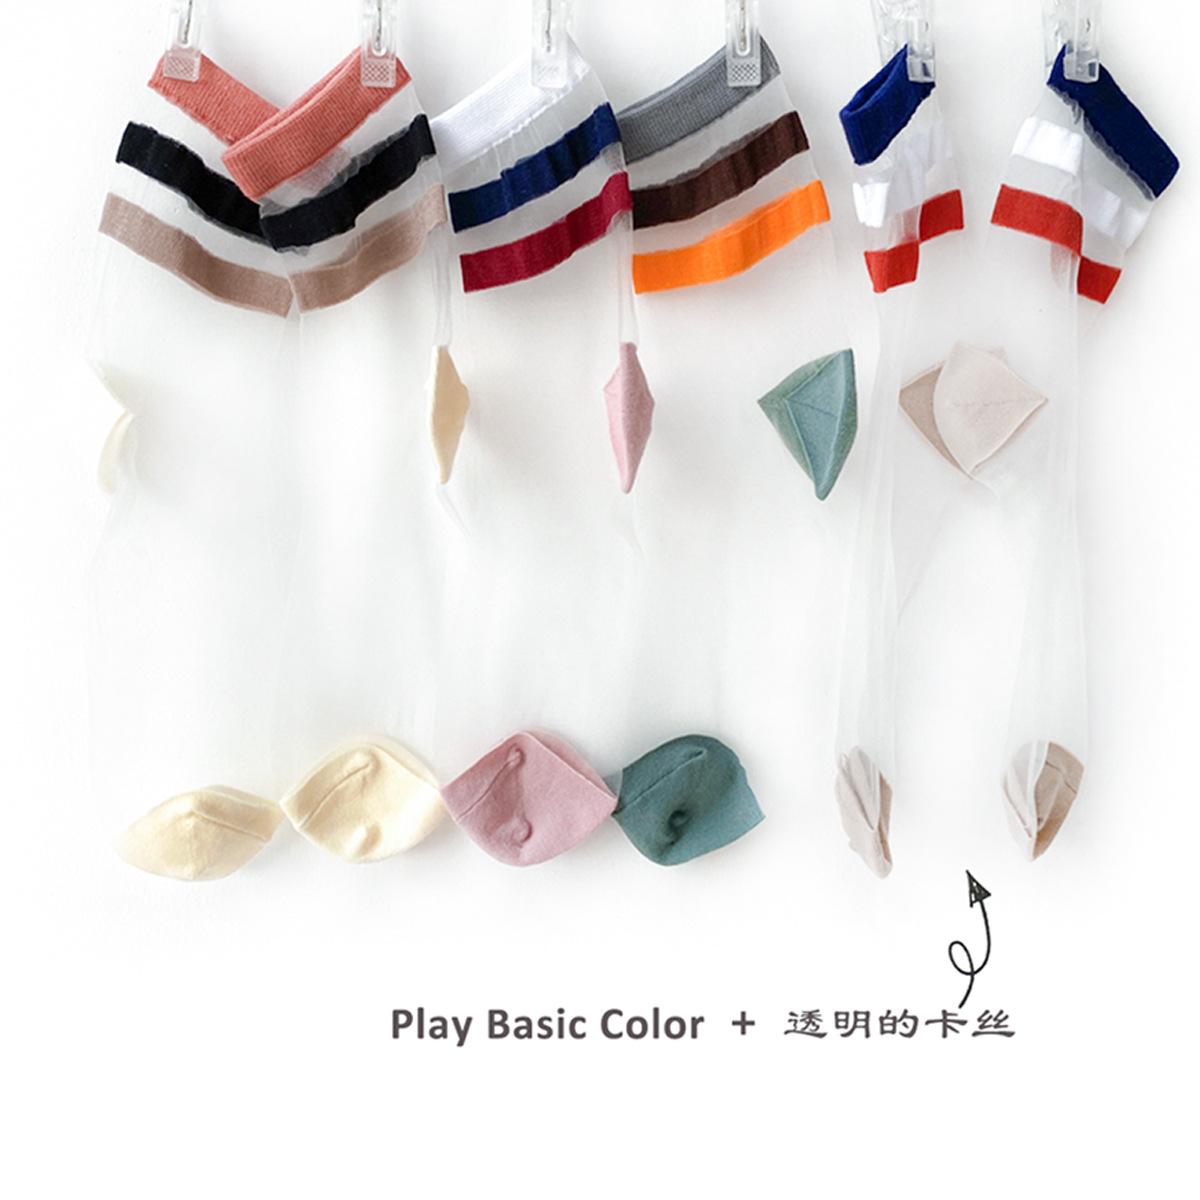 彩色透明丝袜 4双包邮 HENNY RUE 春夏卡丝袜彩色二杠透明超薄短袜学院风女袜子_推荐淘宝好看的彩色透明丝袜